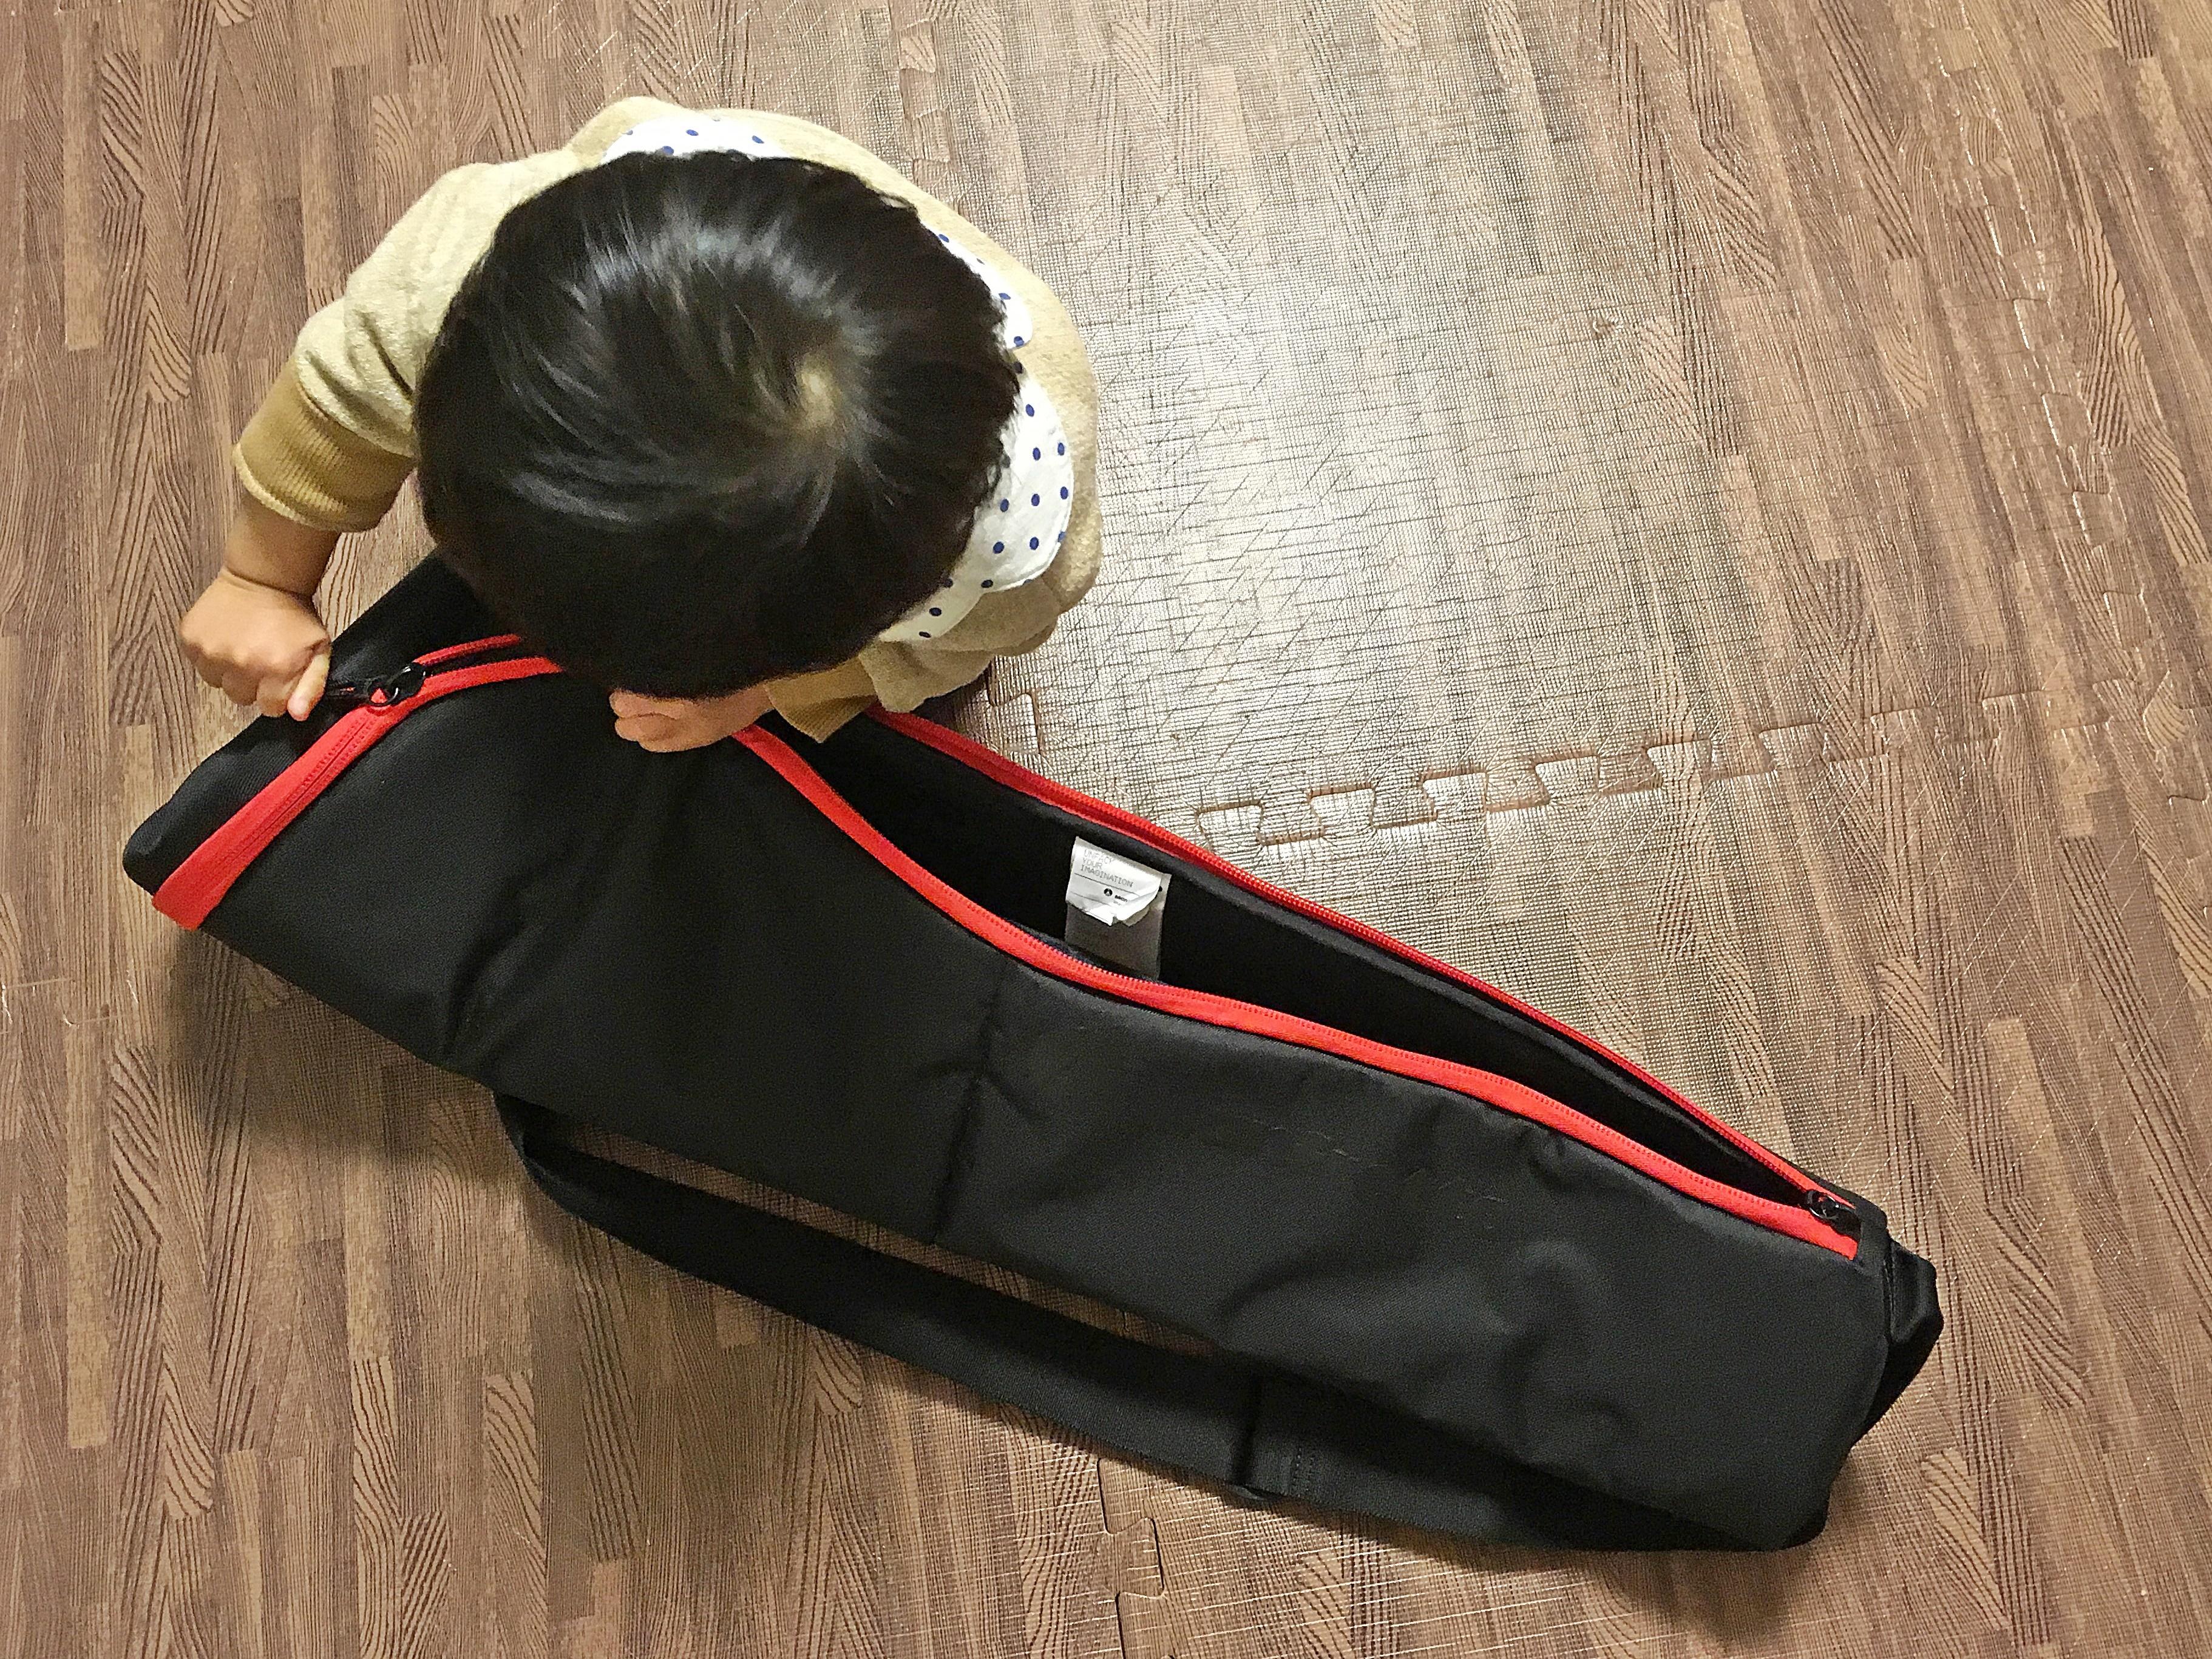 マンフロット パッド付三脚バッグ80cm with 愛息 (1).JPG